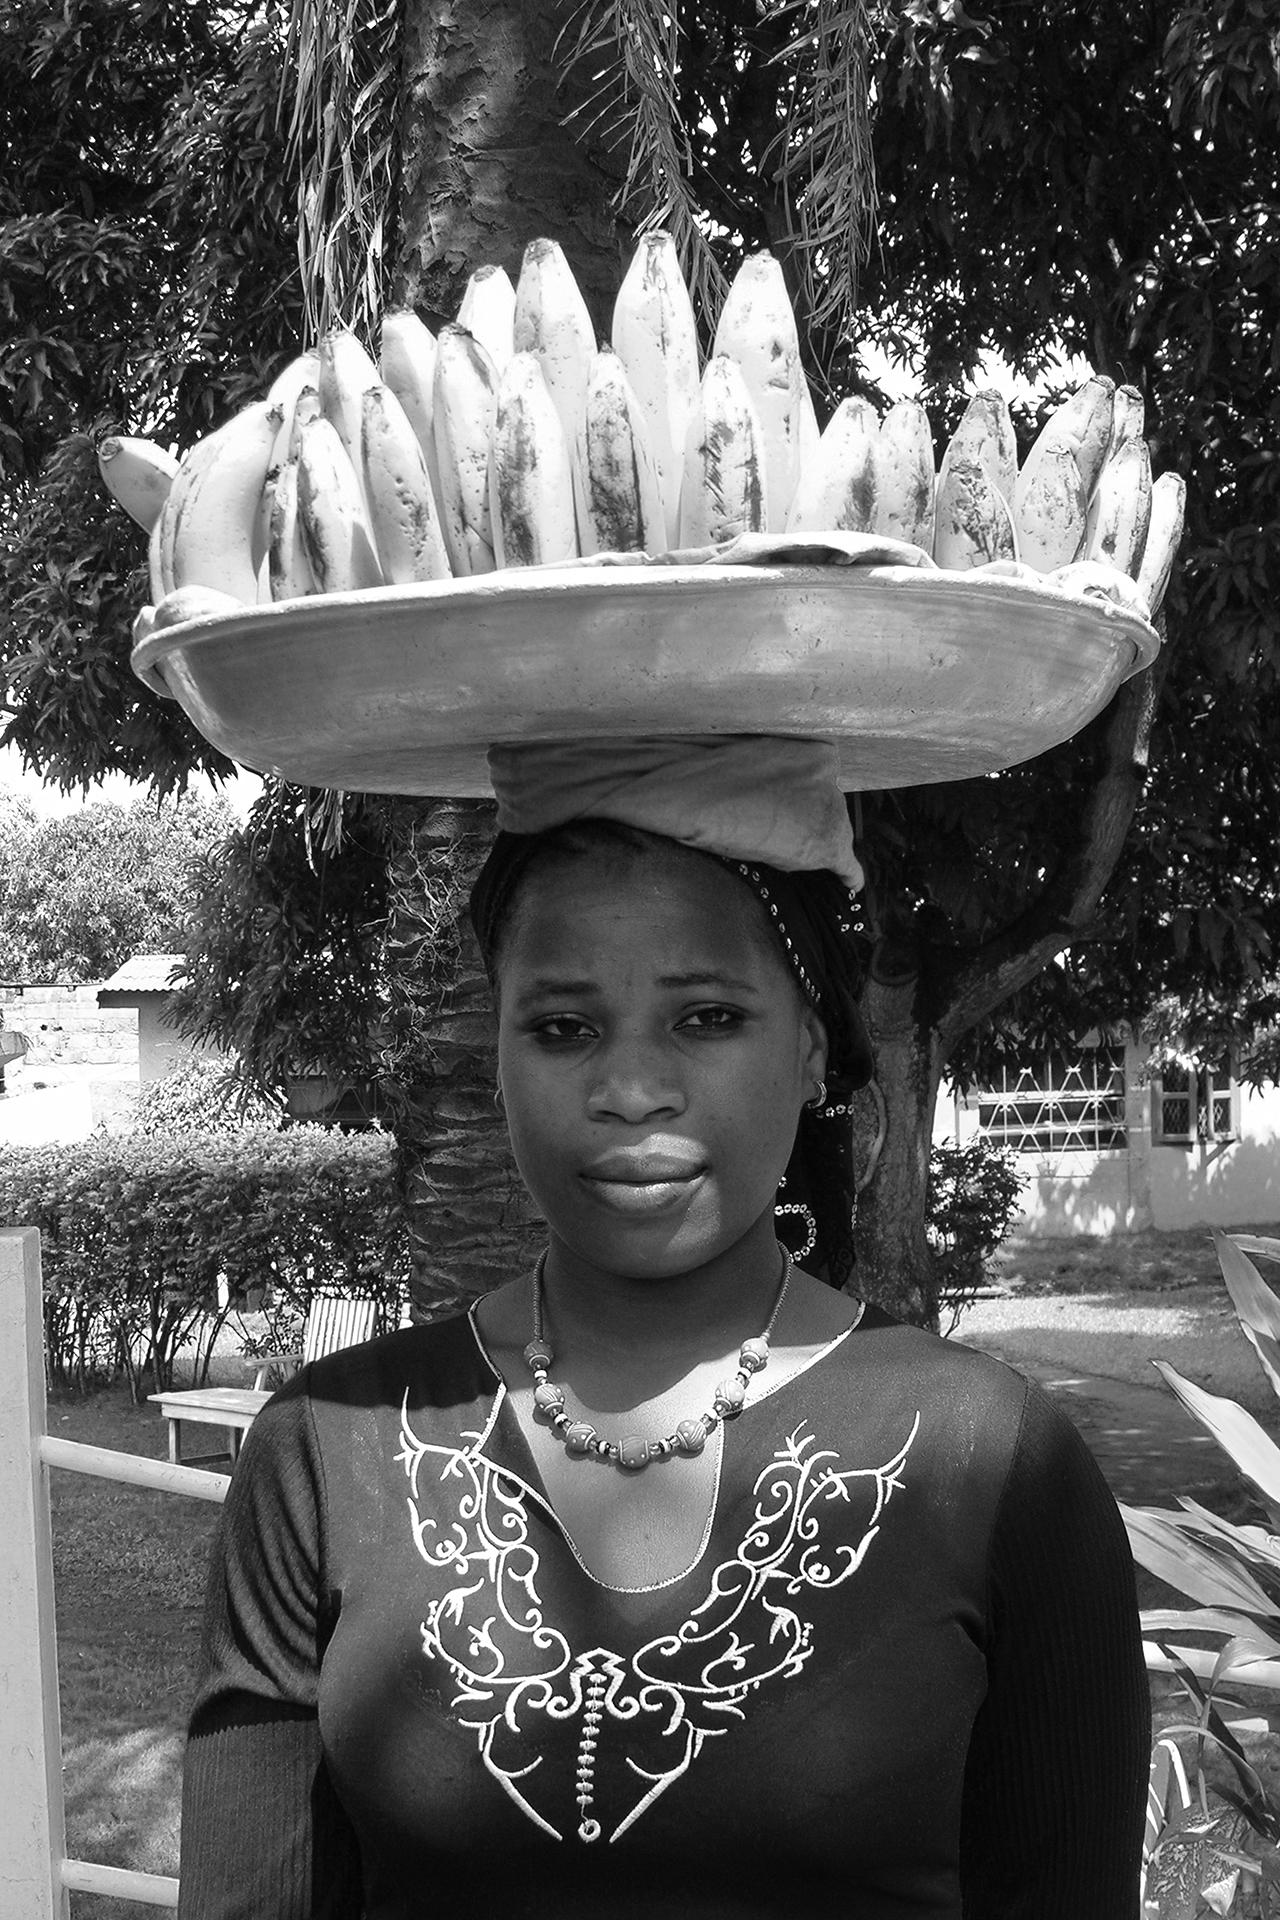 Transport de banane. 2007, ABENGOUROU, Côte d'Ivoire